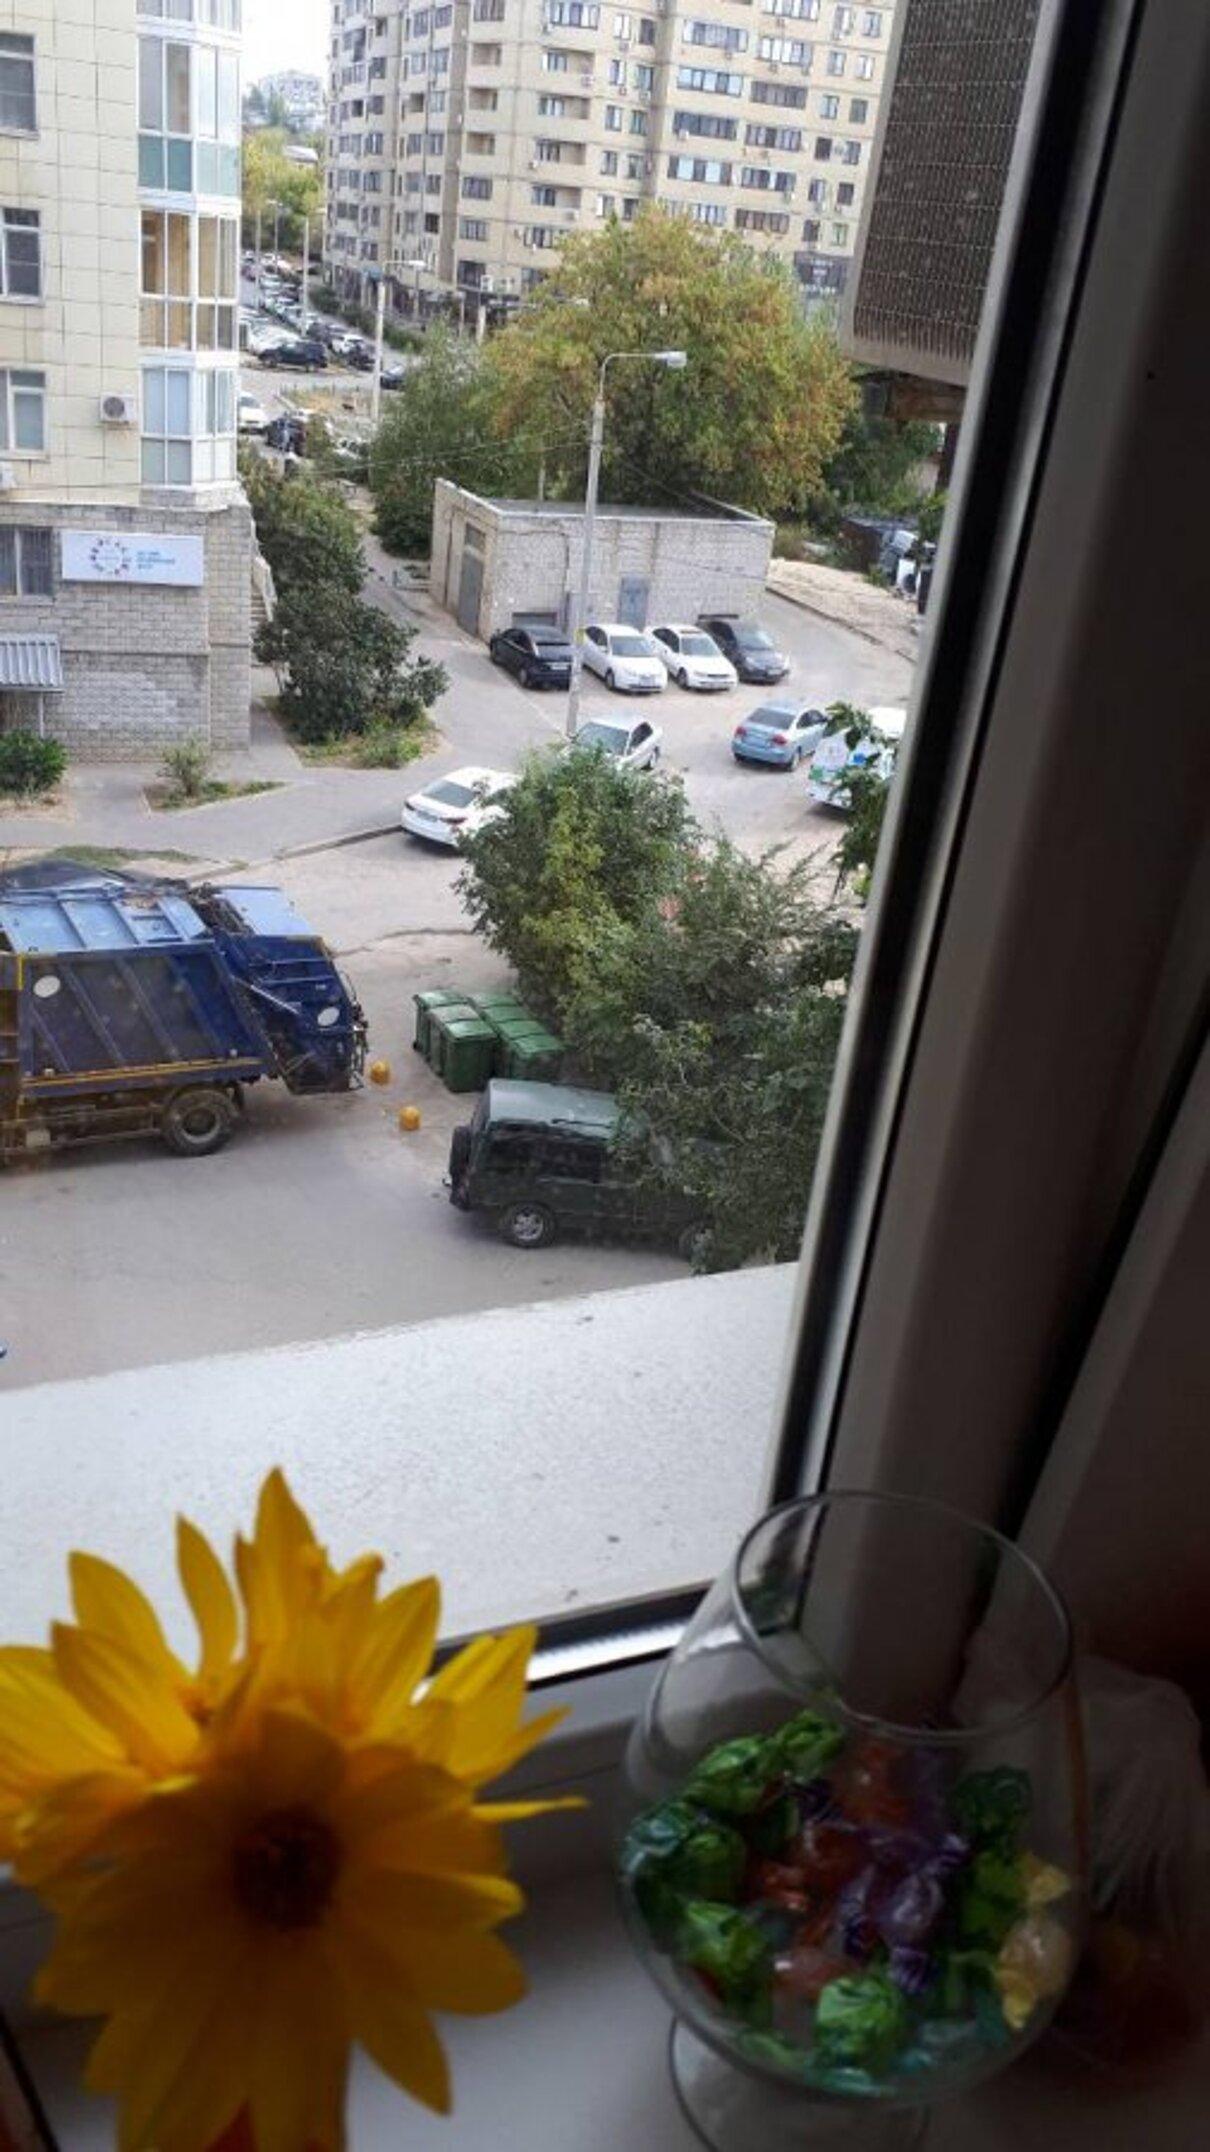 Жалоба-отзыв: УК «Жилкомсервис - Установка мусорных баков на проезжей части возле детской площадки.  Фото №1